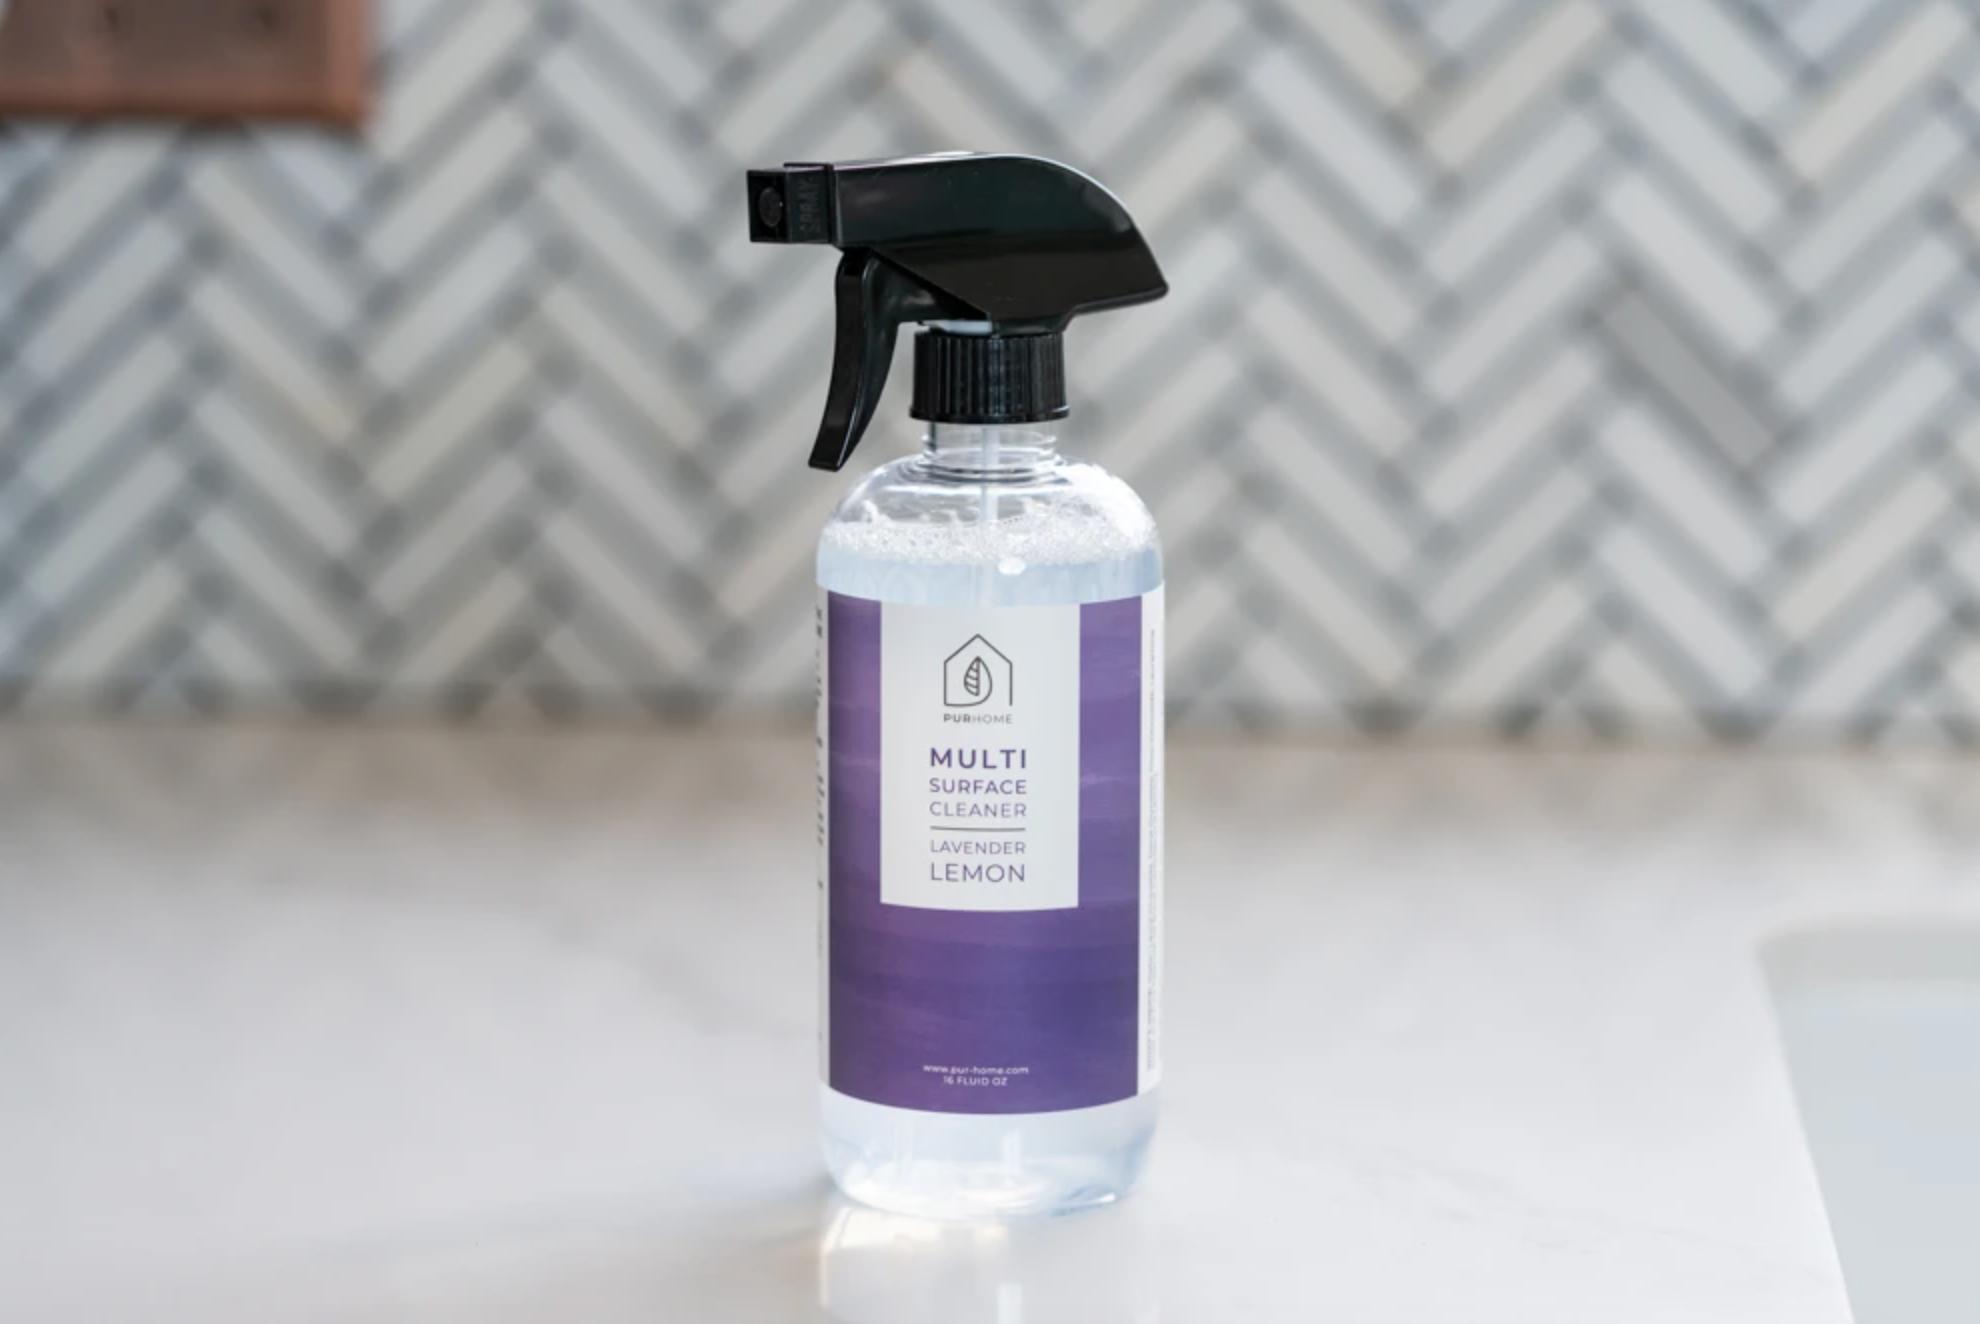 The spray bottle of lavender lemon cleaner